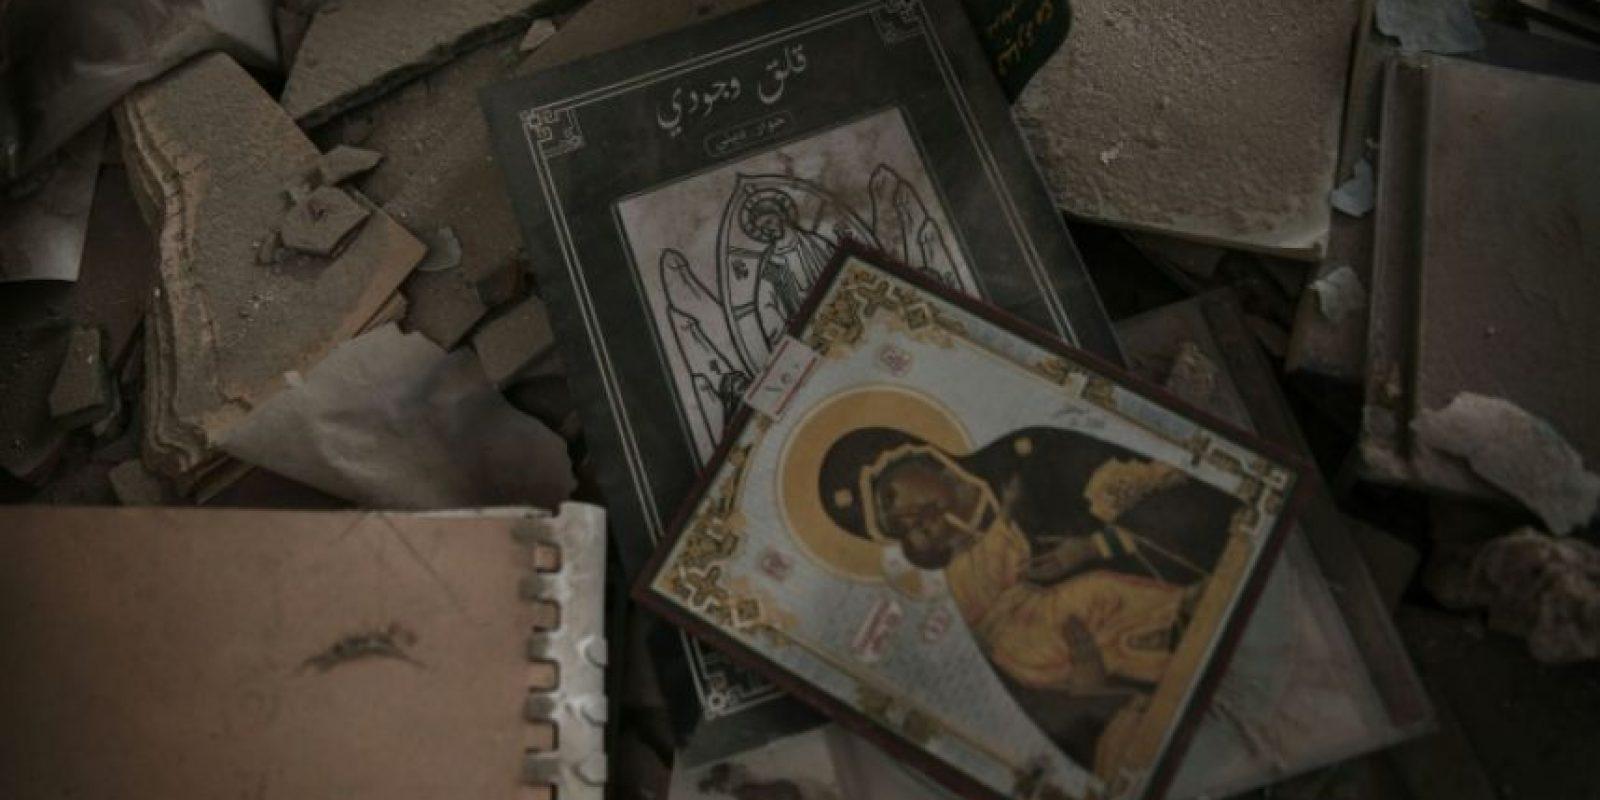 Reproducciones de varios iconos cristianos apilados entre los escombros de la iglesia San Elías, en la zona de control rebelde de Harasta, a las afueras de Damasco, el 13 de noviembre de 2016 Foto:Sameer Al-Doumy/afp.com